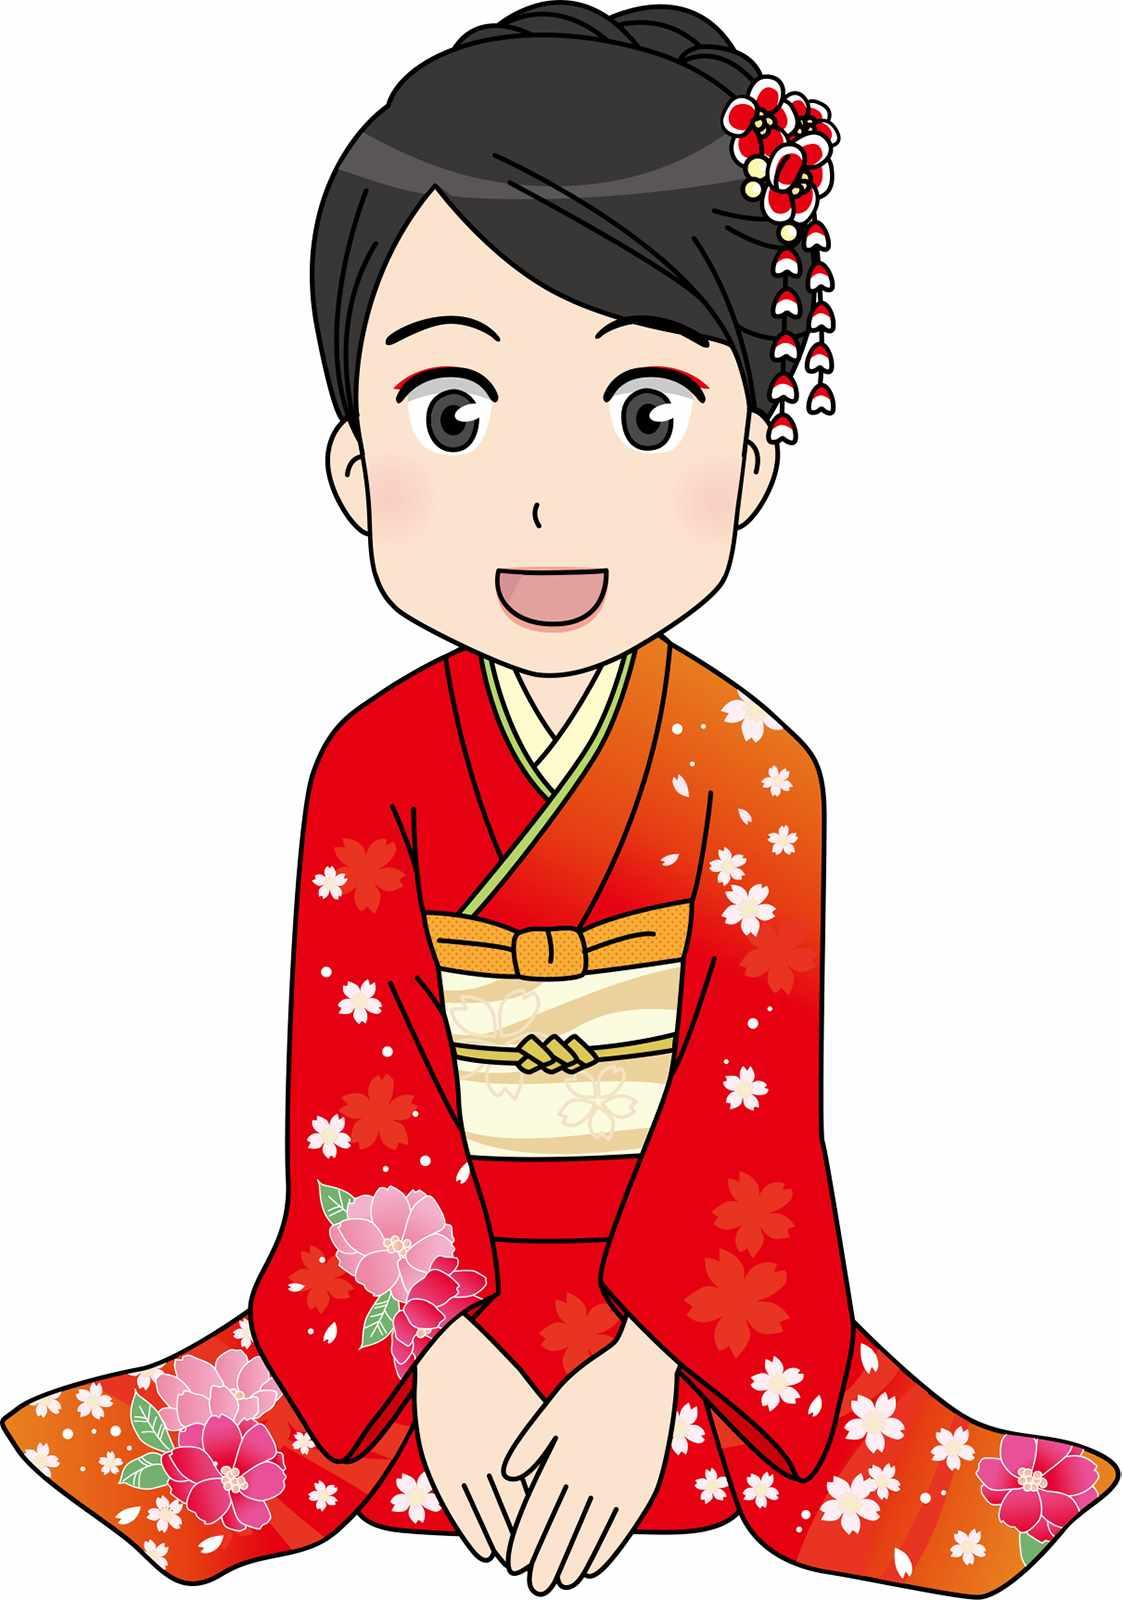 和服美人サムネイル画像